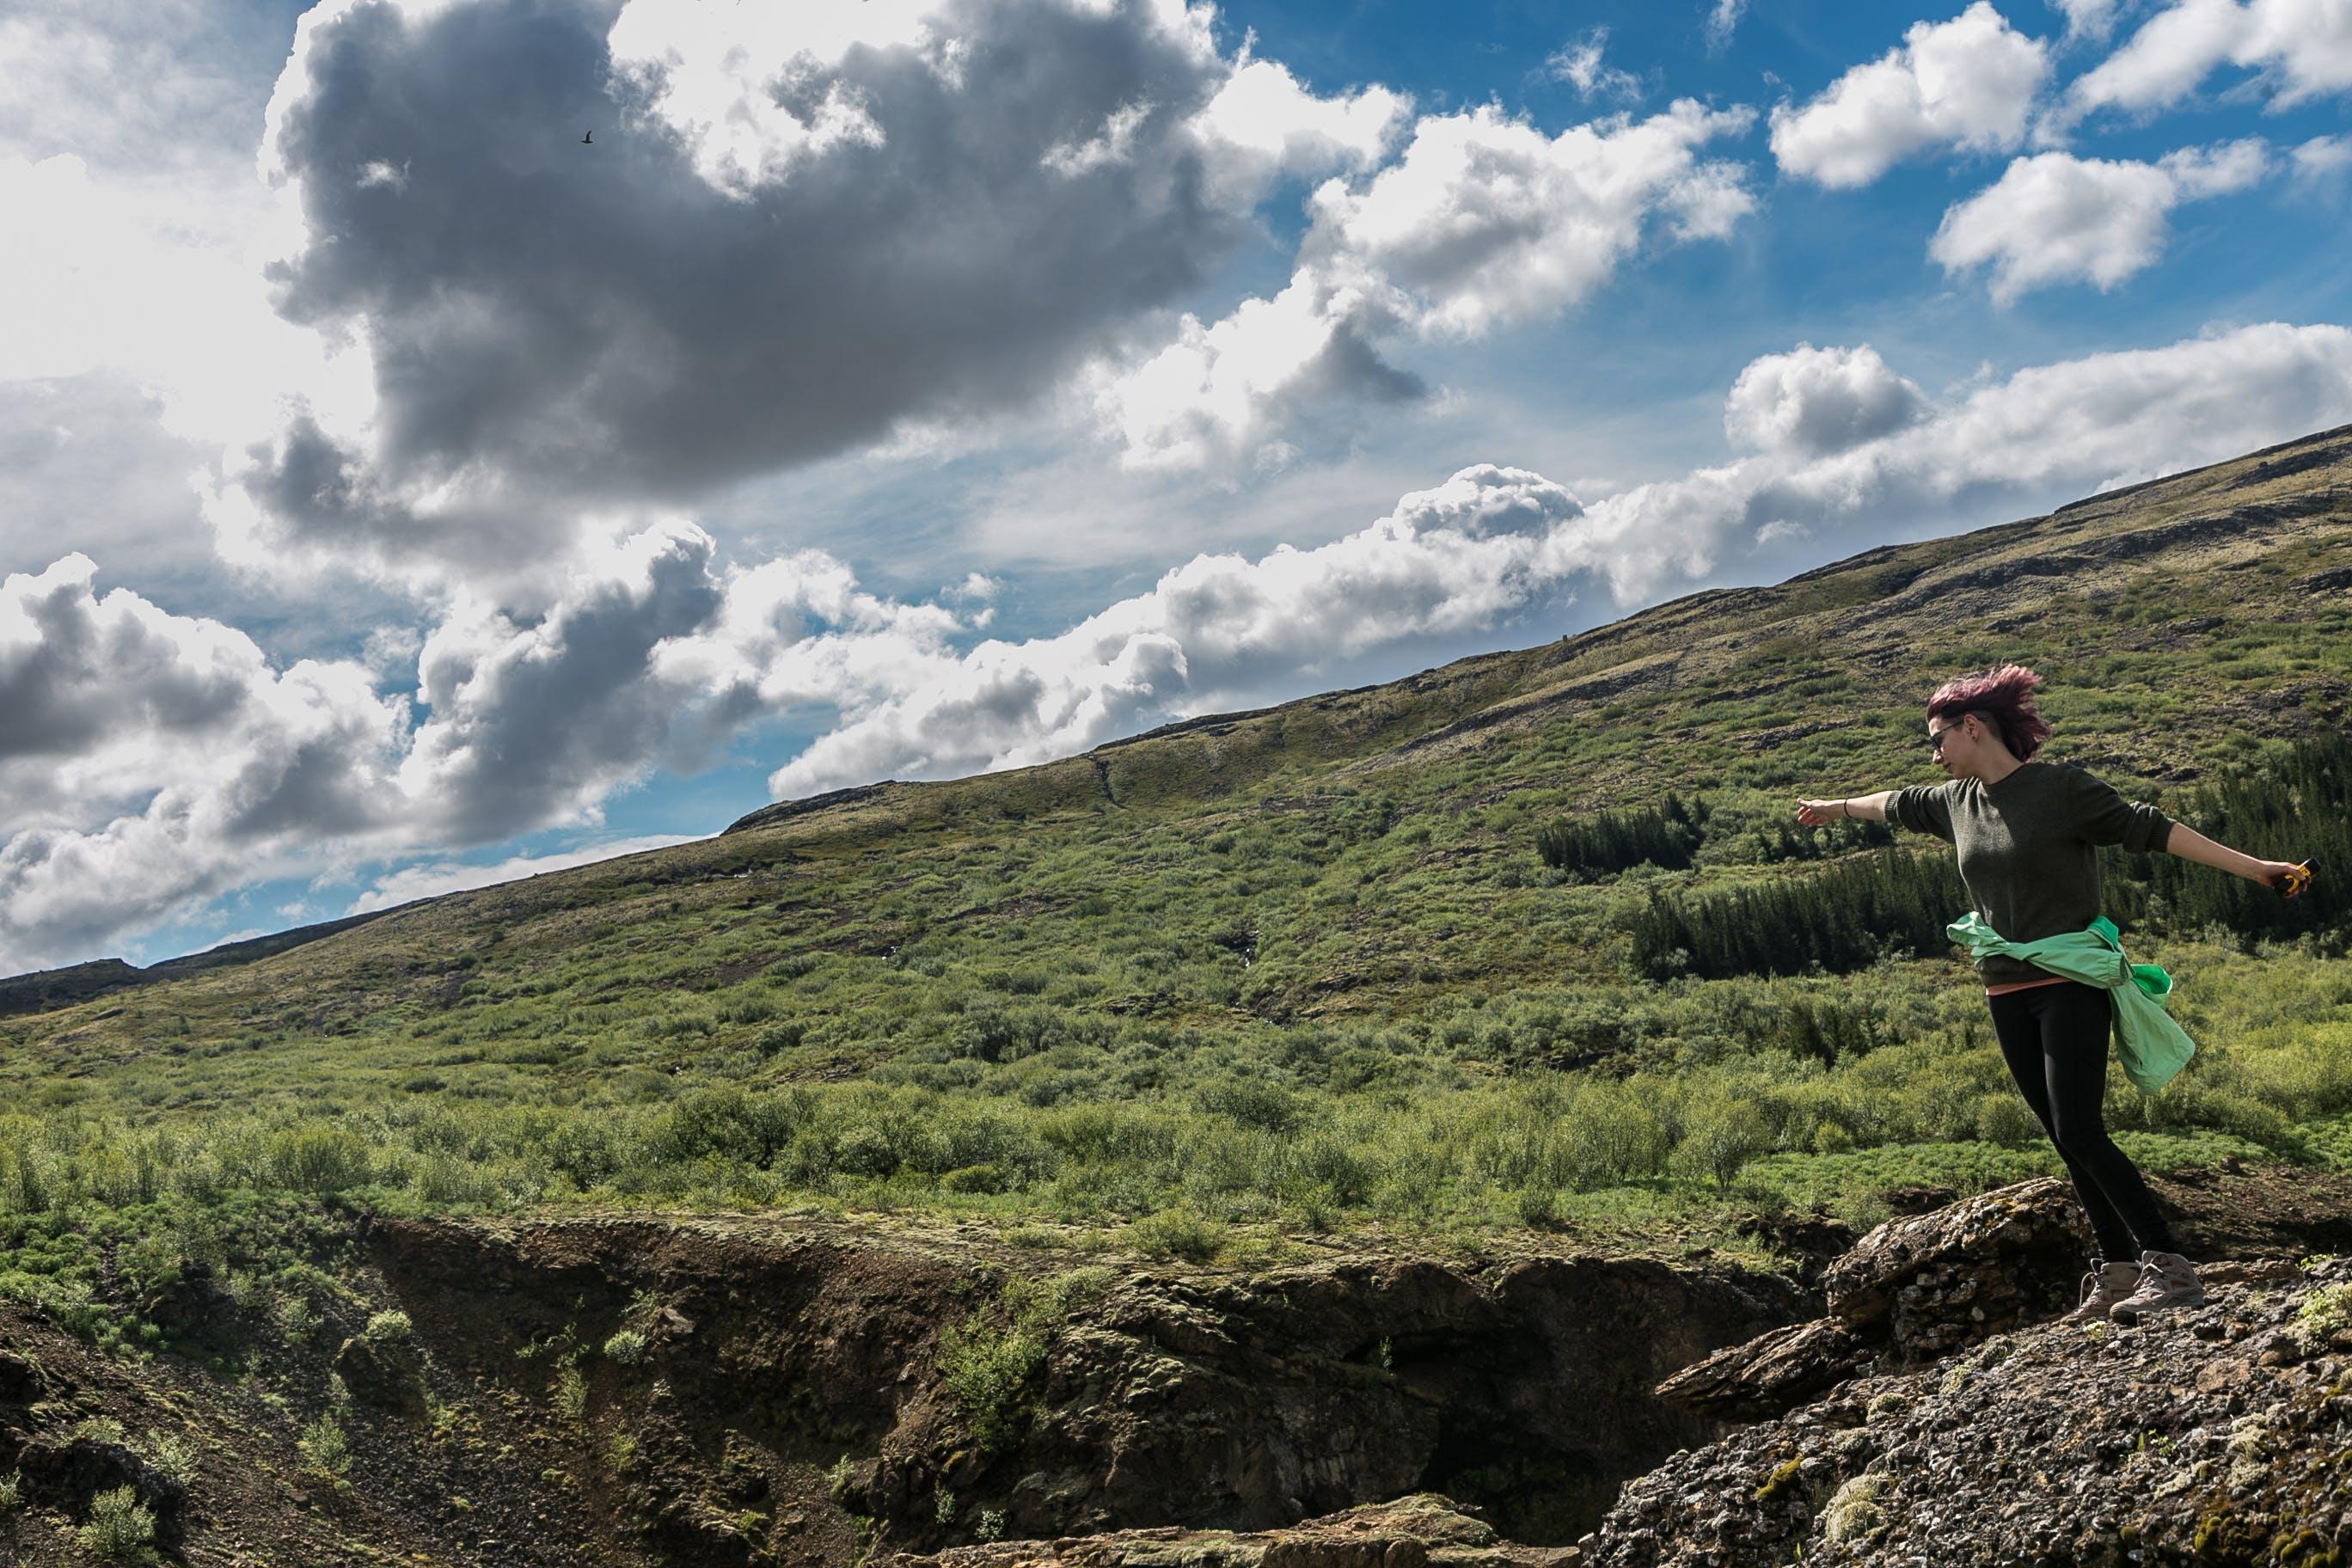 Immagine gratuita di alto, ambiente, avventura, cielo